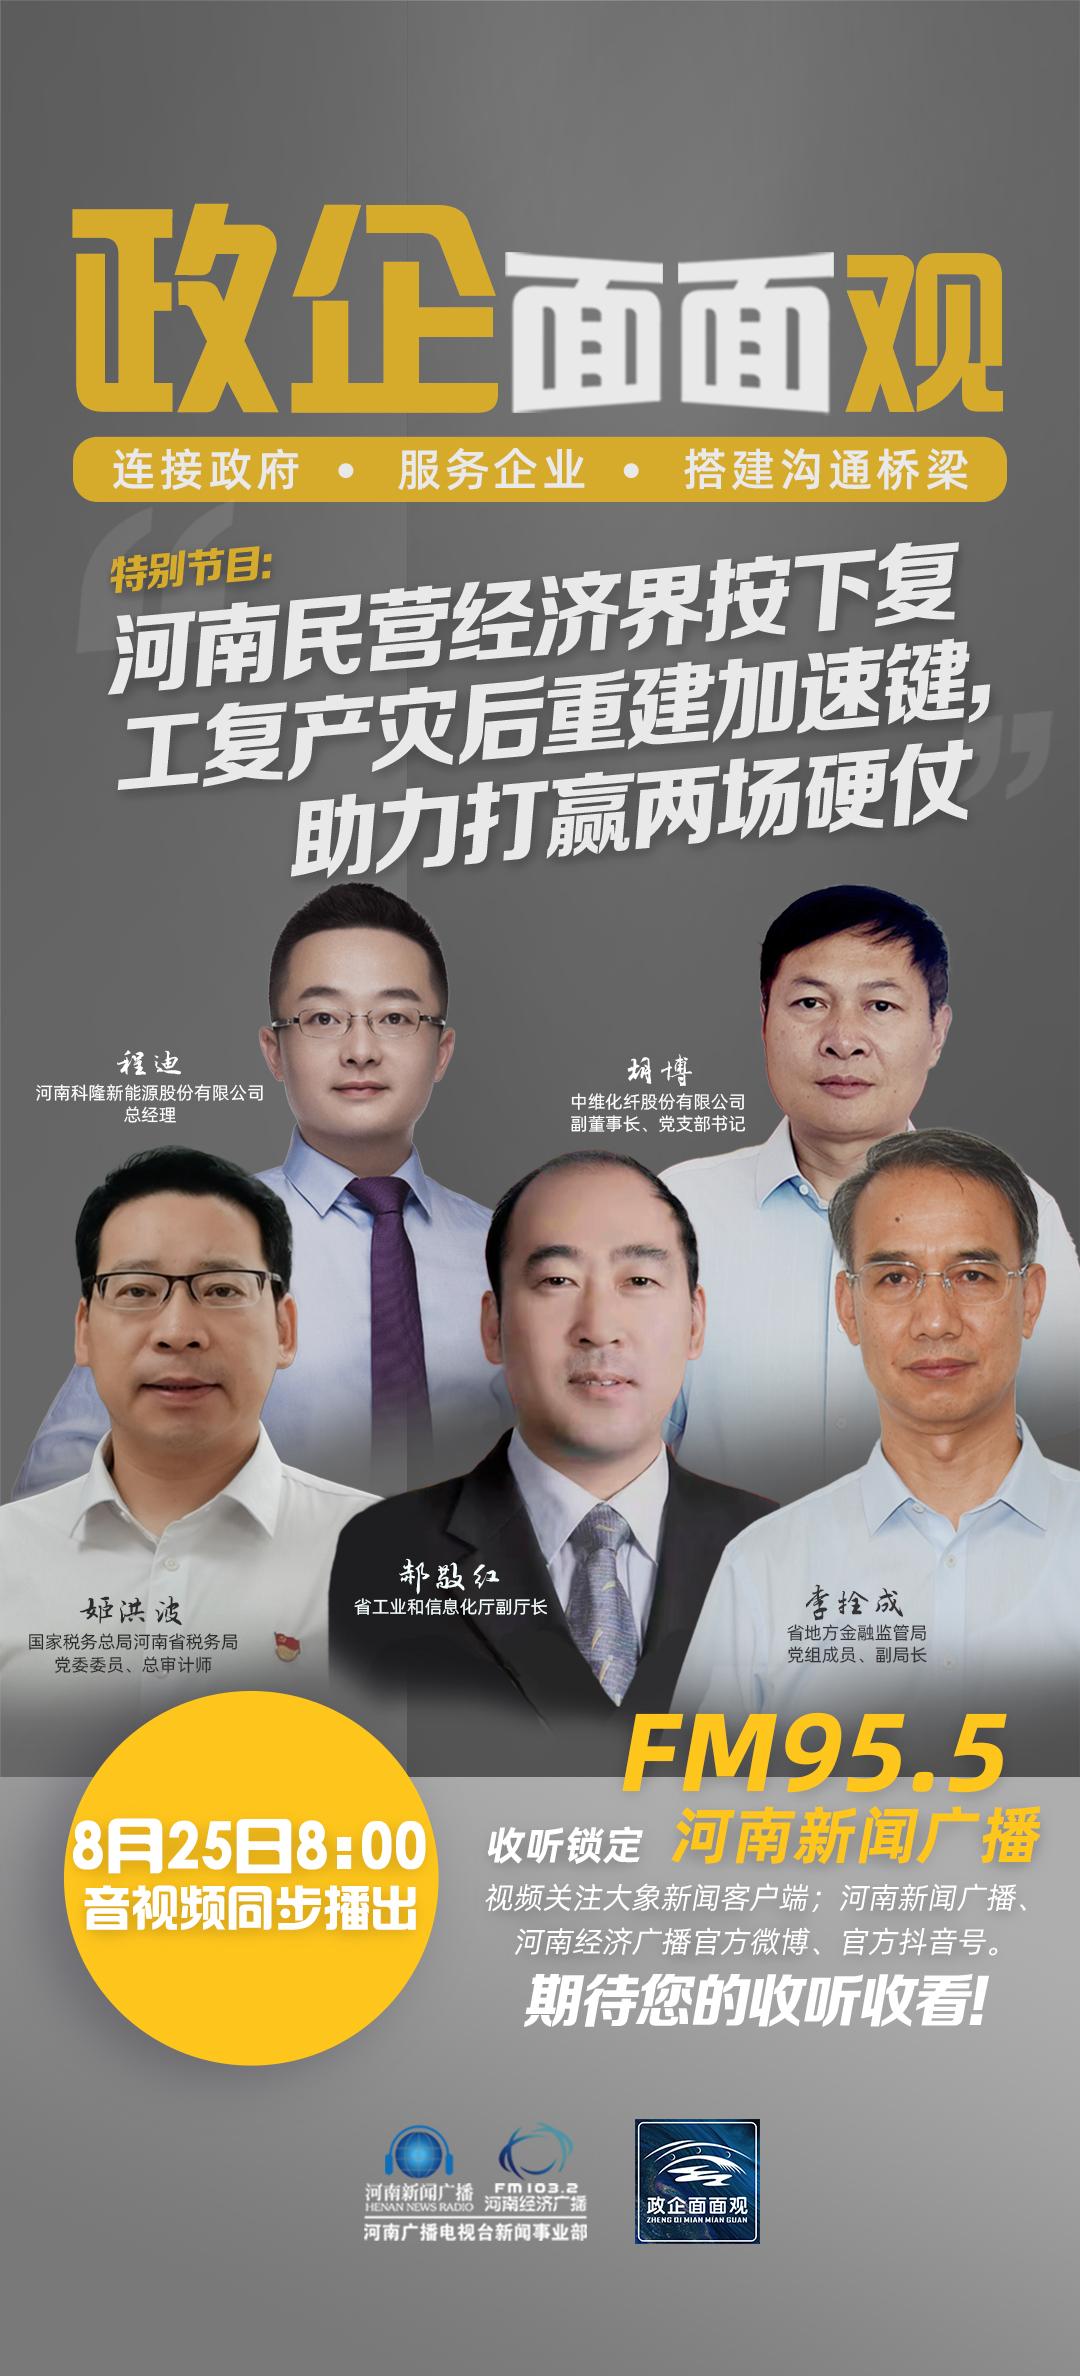 省金融局李拴成副局长接受《政企面面观》节目采访